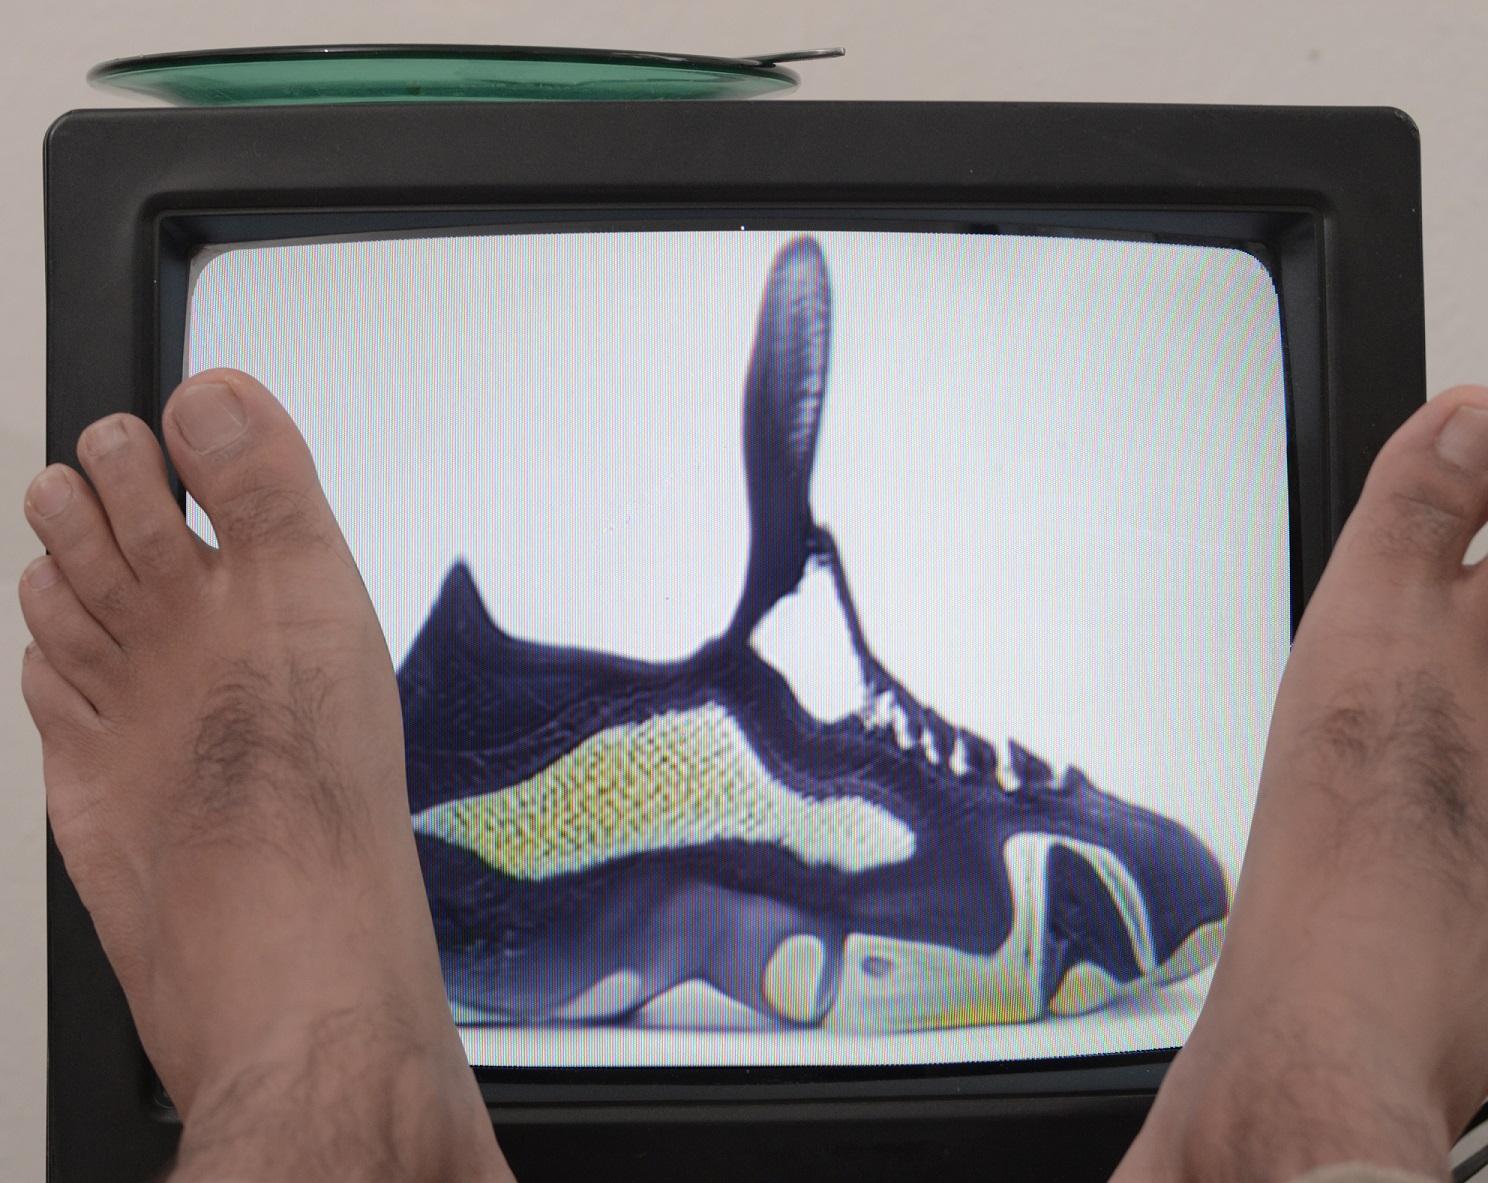 Buty wygenerowane przezAI ikomercja wnaszym życiu – inspirujący projekt Tomka Tofilskiego